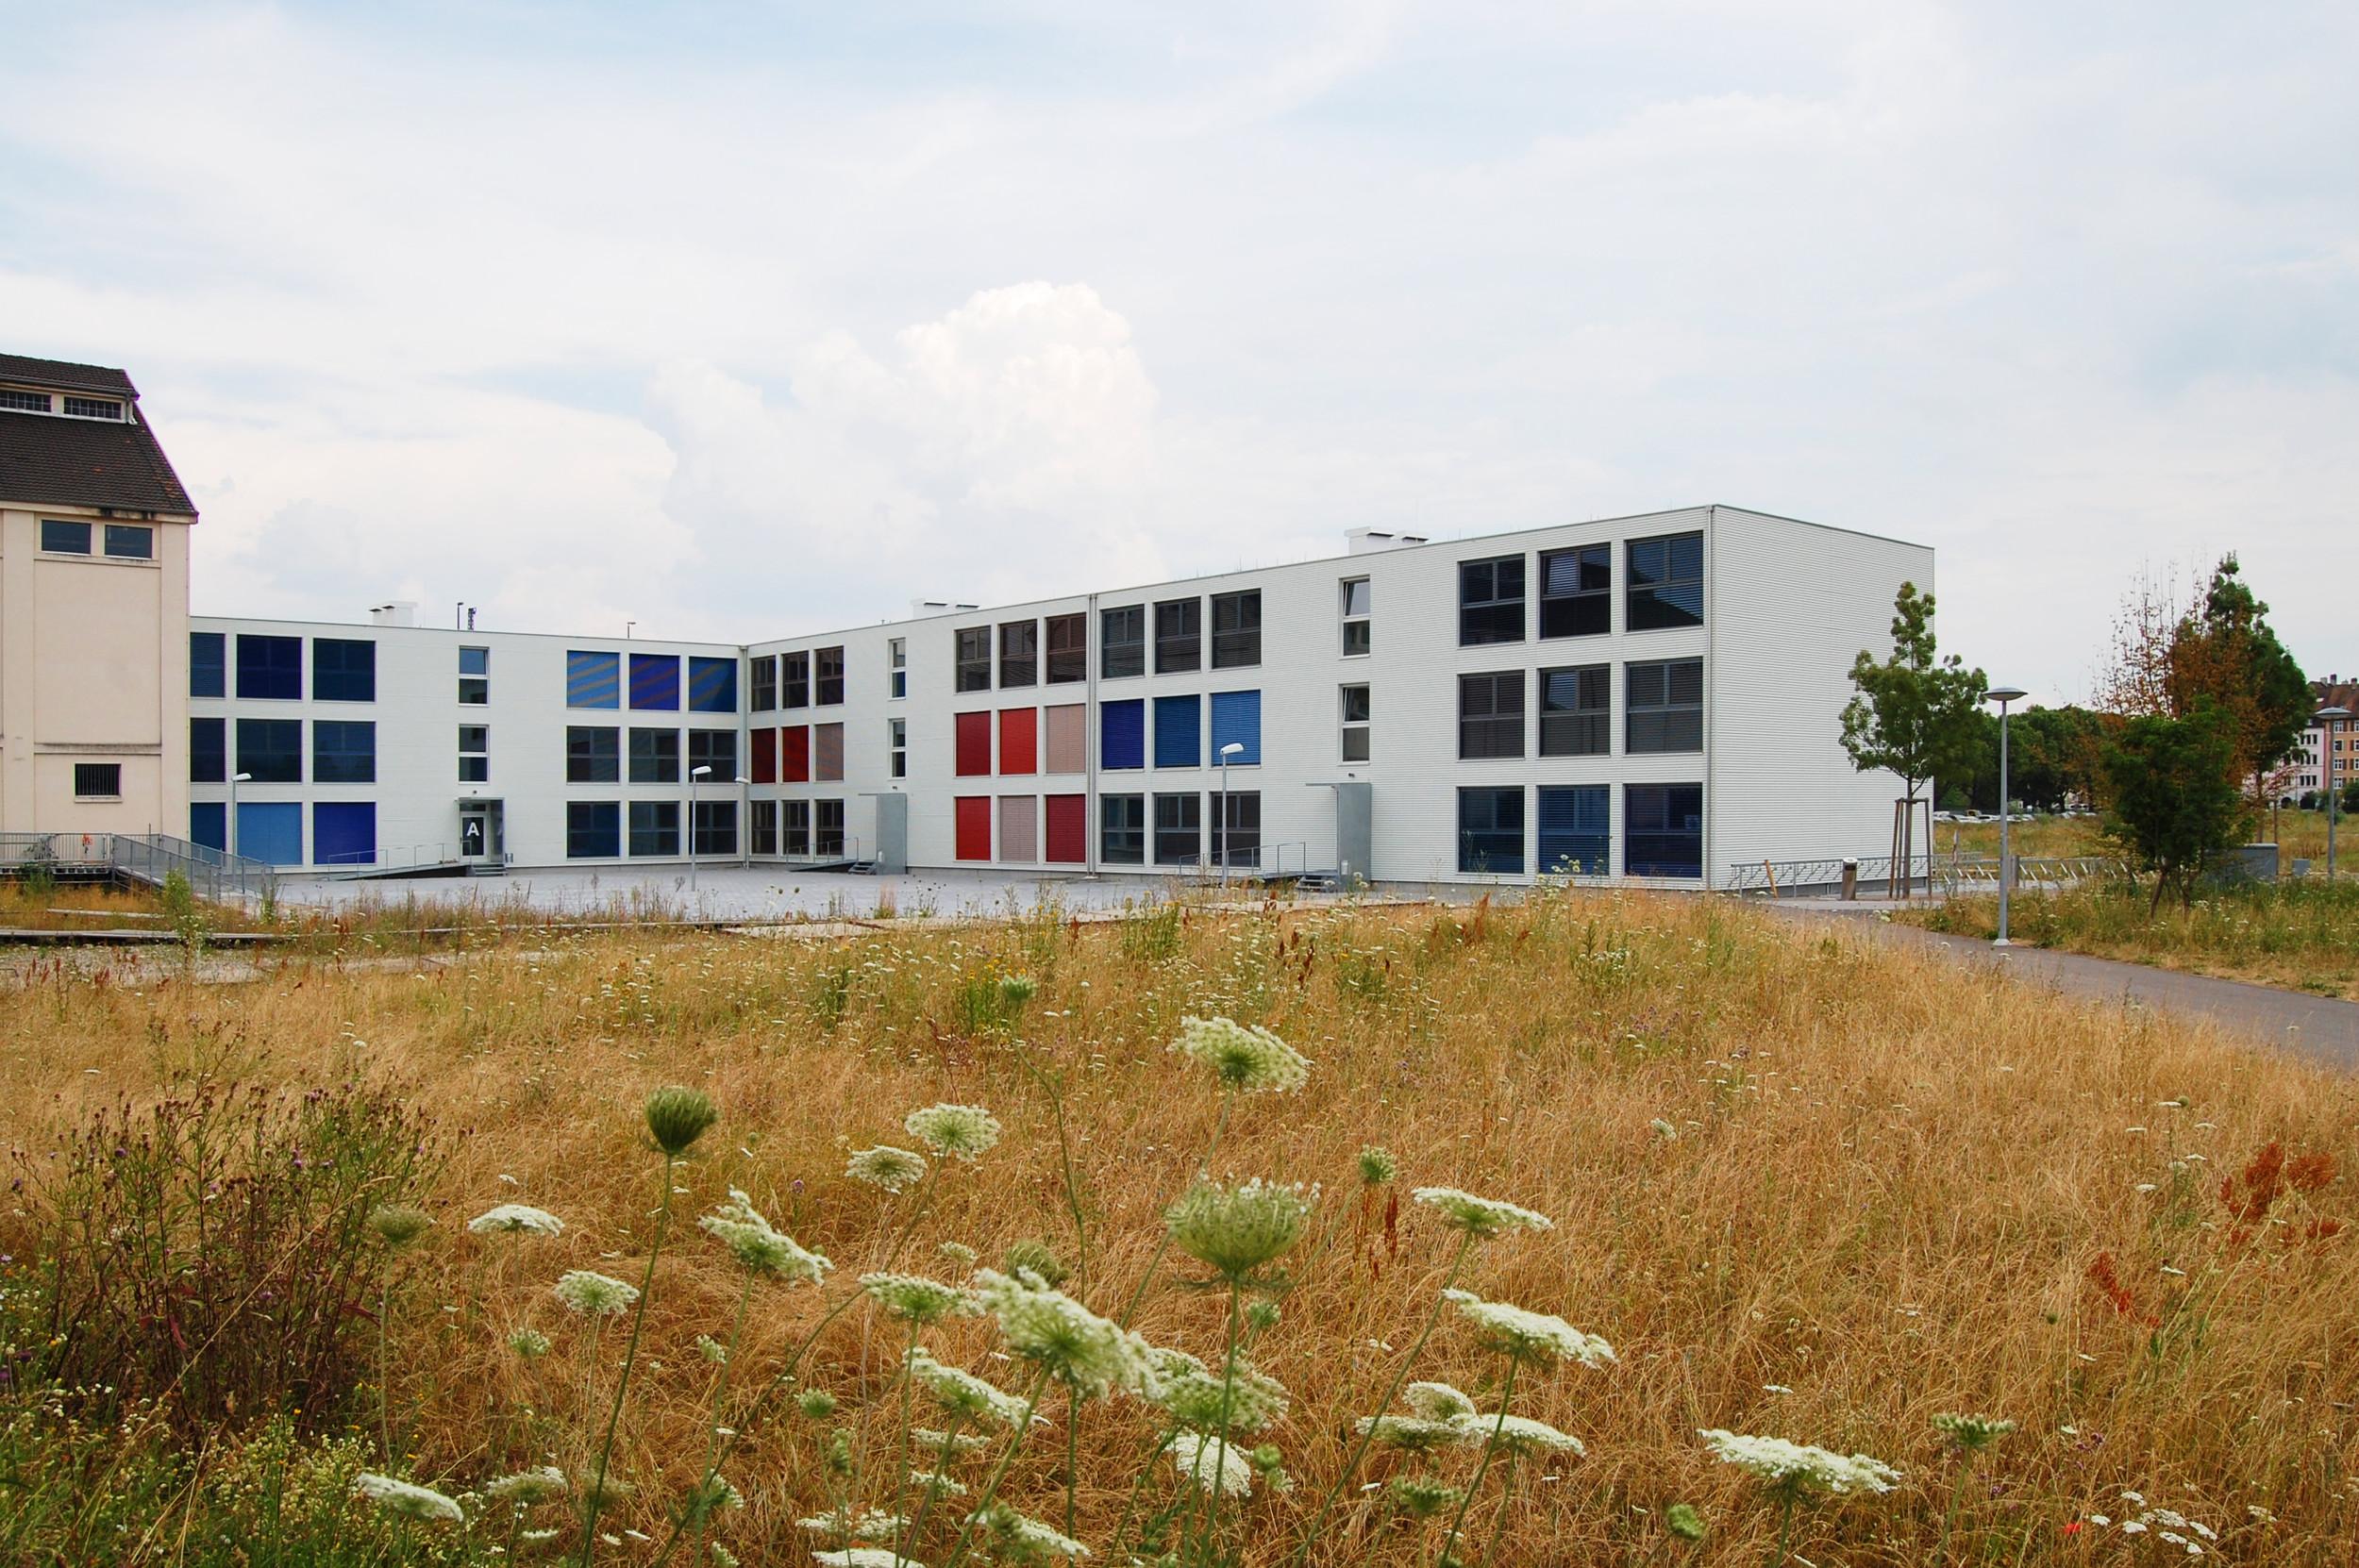 2-stöckiges Schulgebäude in L-Form in Modulbauweise mit gleichmässiger Fensteranordnung